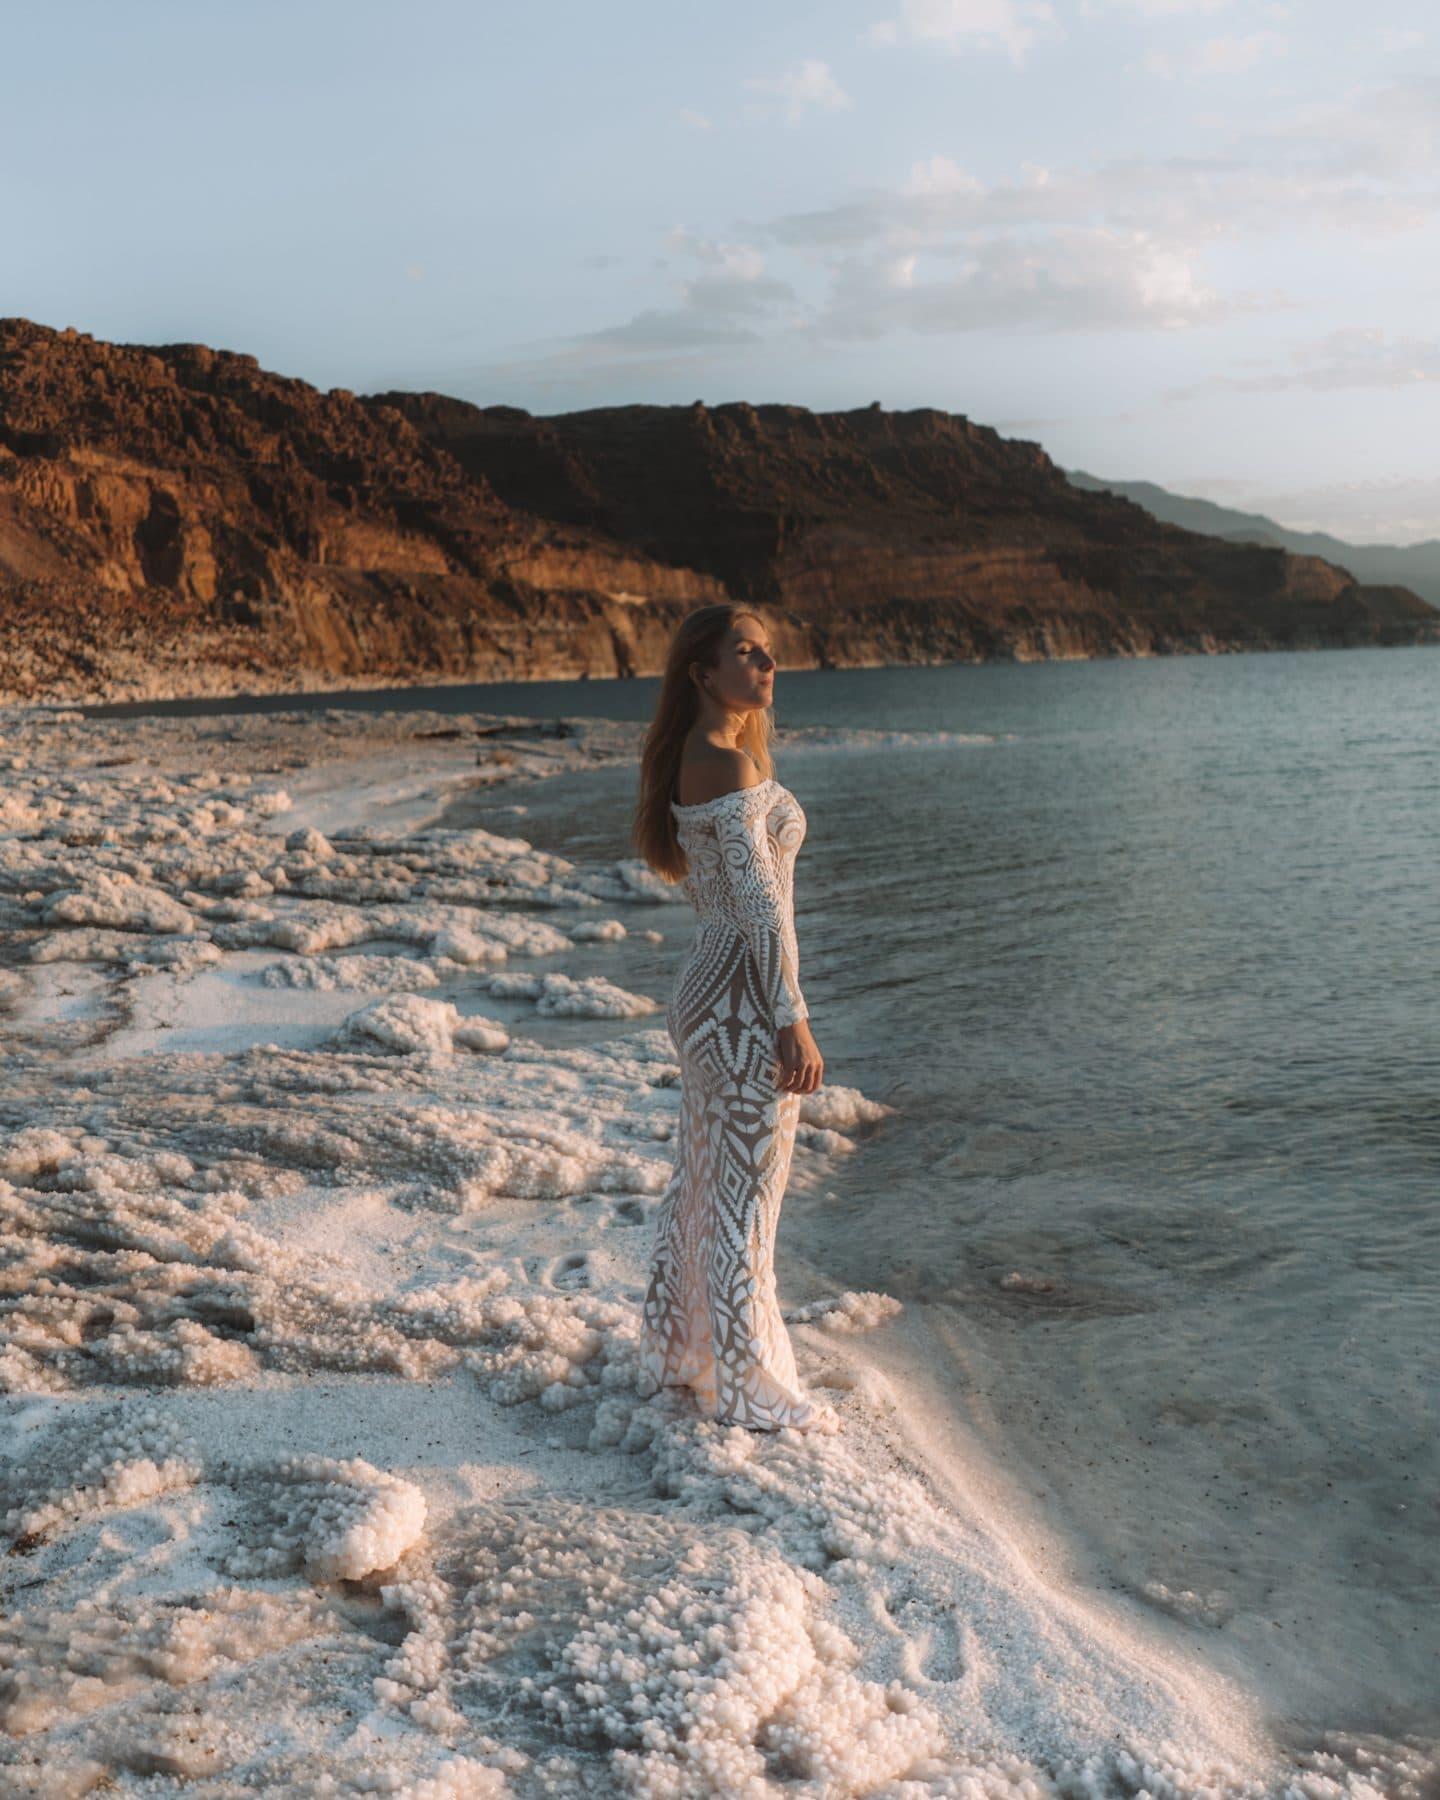 La mer morter en Jordanie